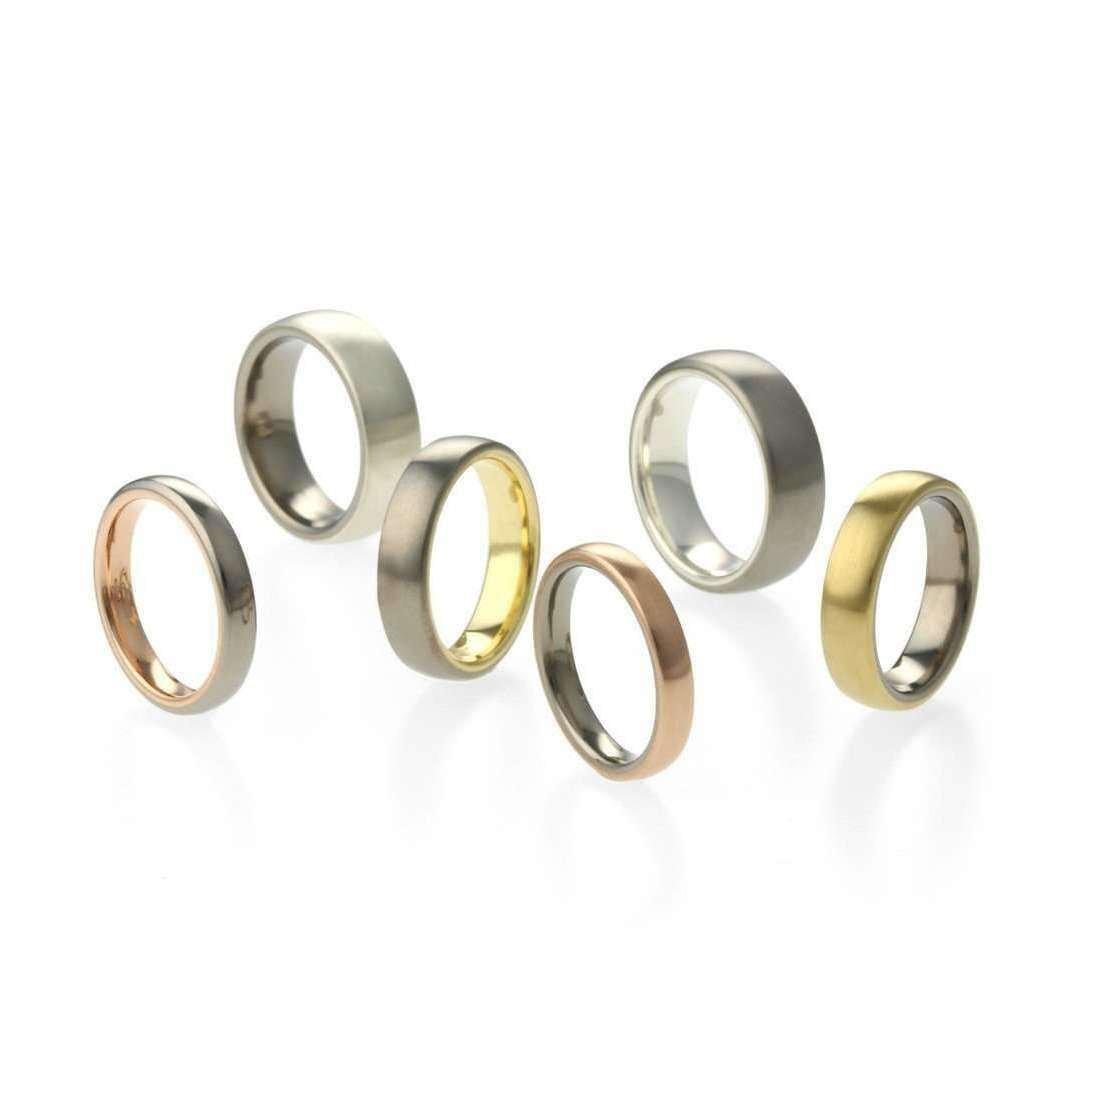 Titanium and Rose Gold Band - Prism Design